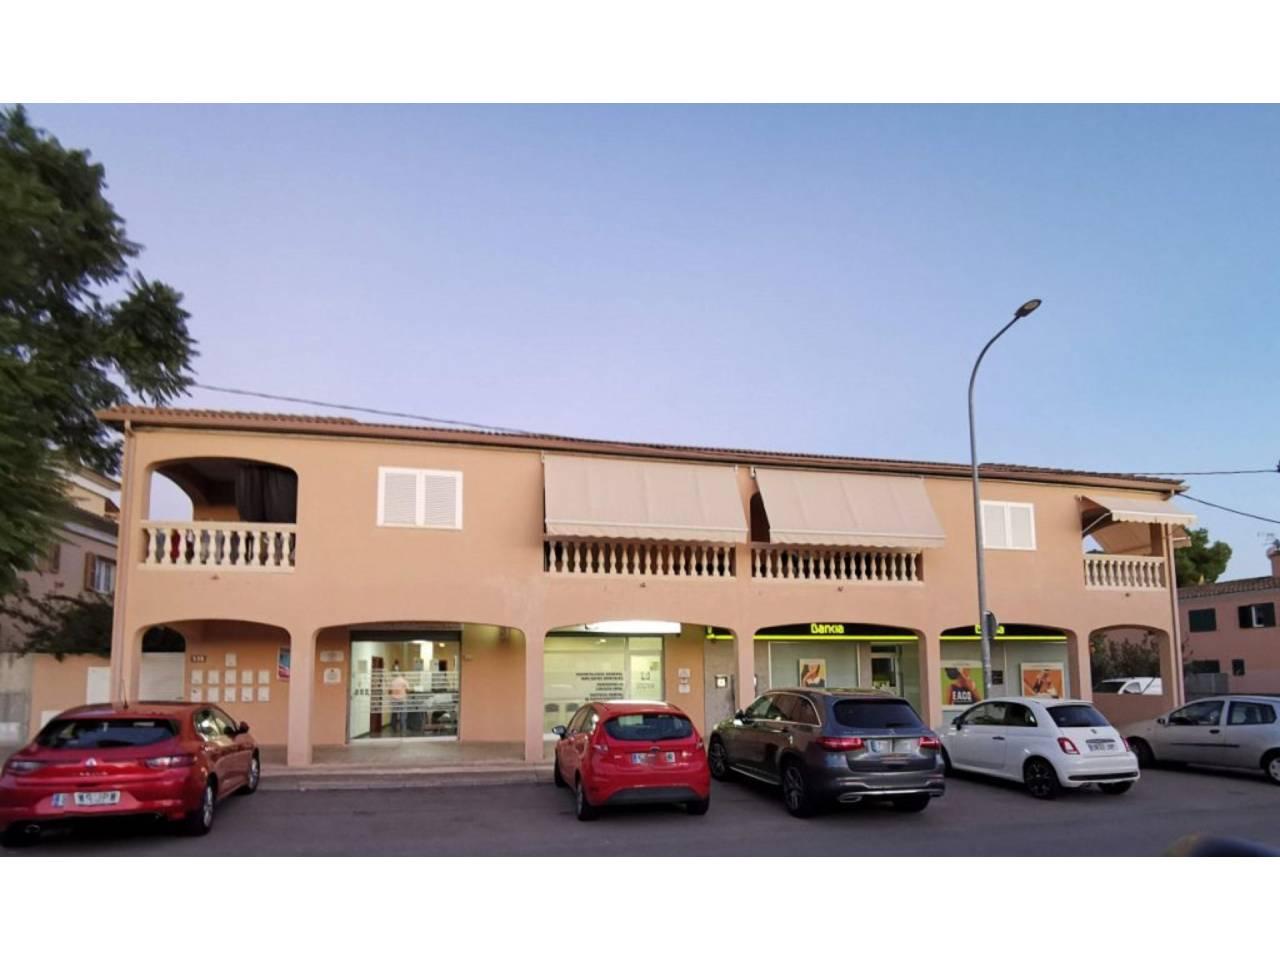 Appartamento  Palmanyola. Primer piso con terraza en edificio de sólo una altura en palman